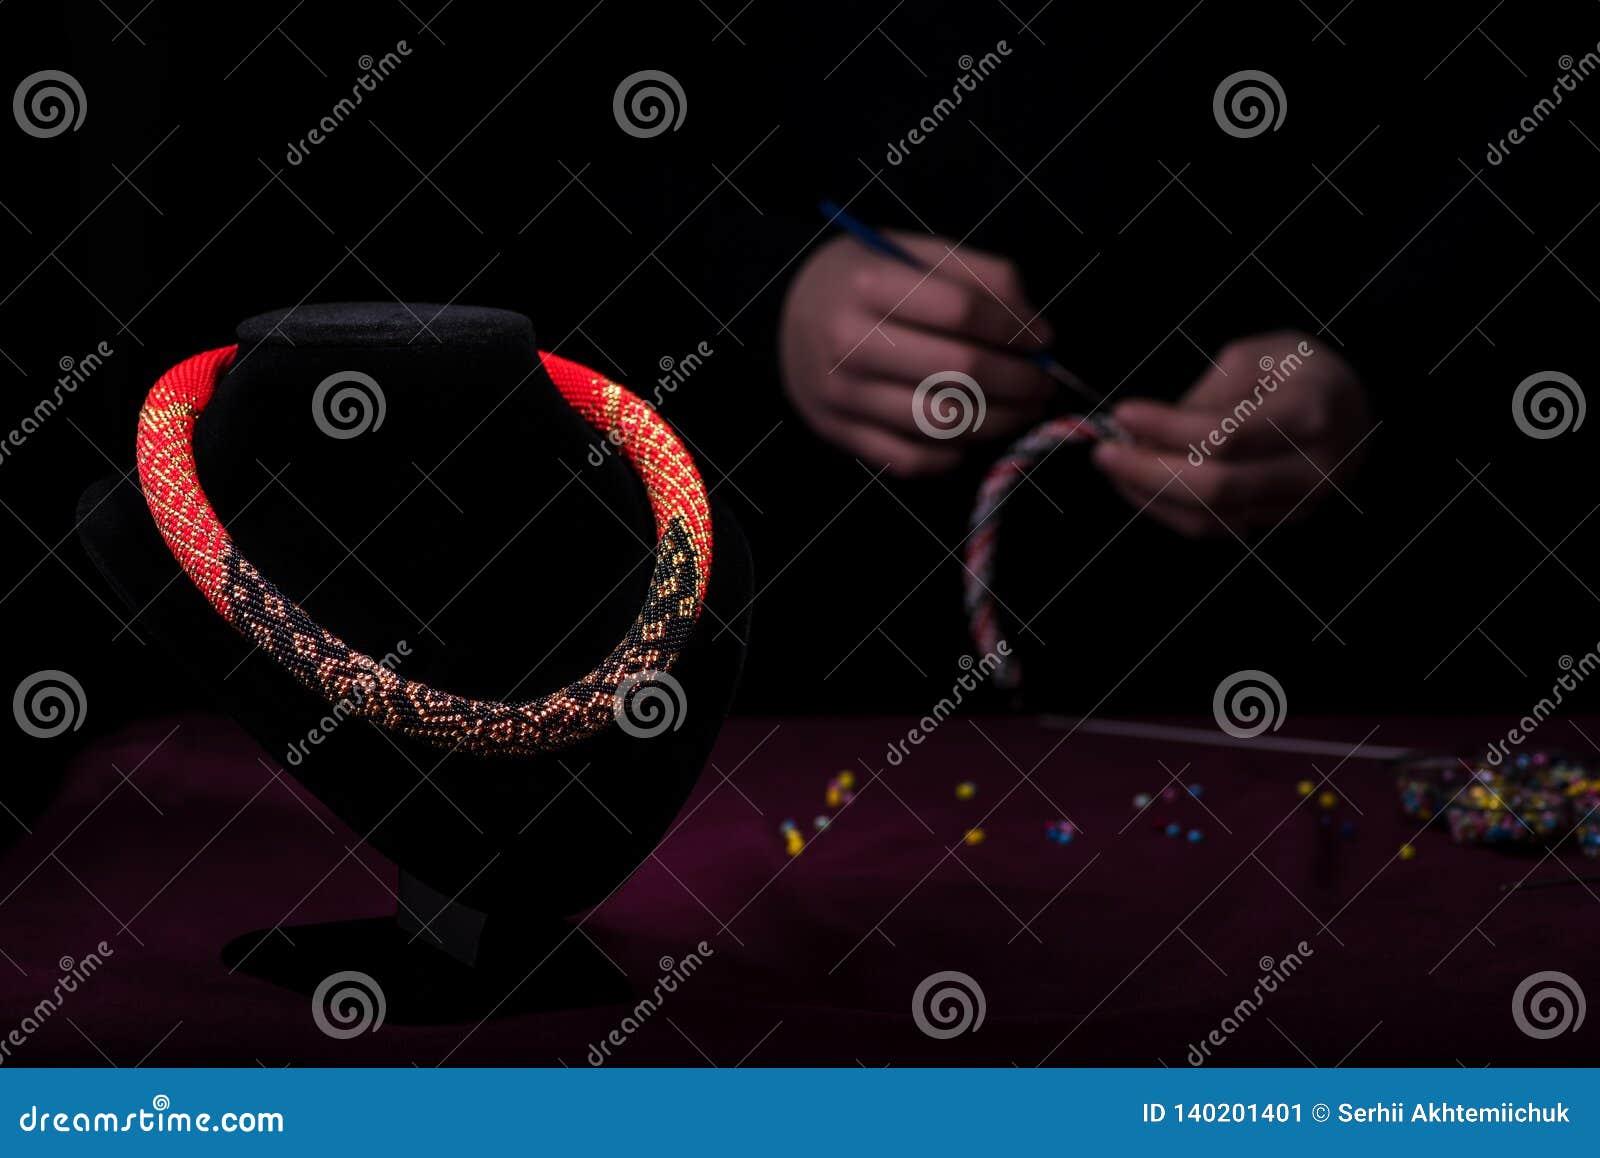 Πολύχρωμο περιδέραιο των χαντρών σε ένα μανεκέν Στο πίσω μαύρο αεροπλάνο το κορίτσι πλέκει τις χάντρες